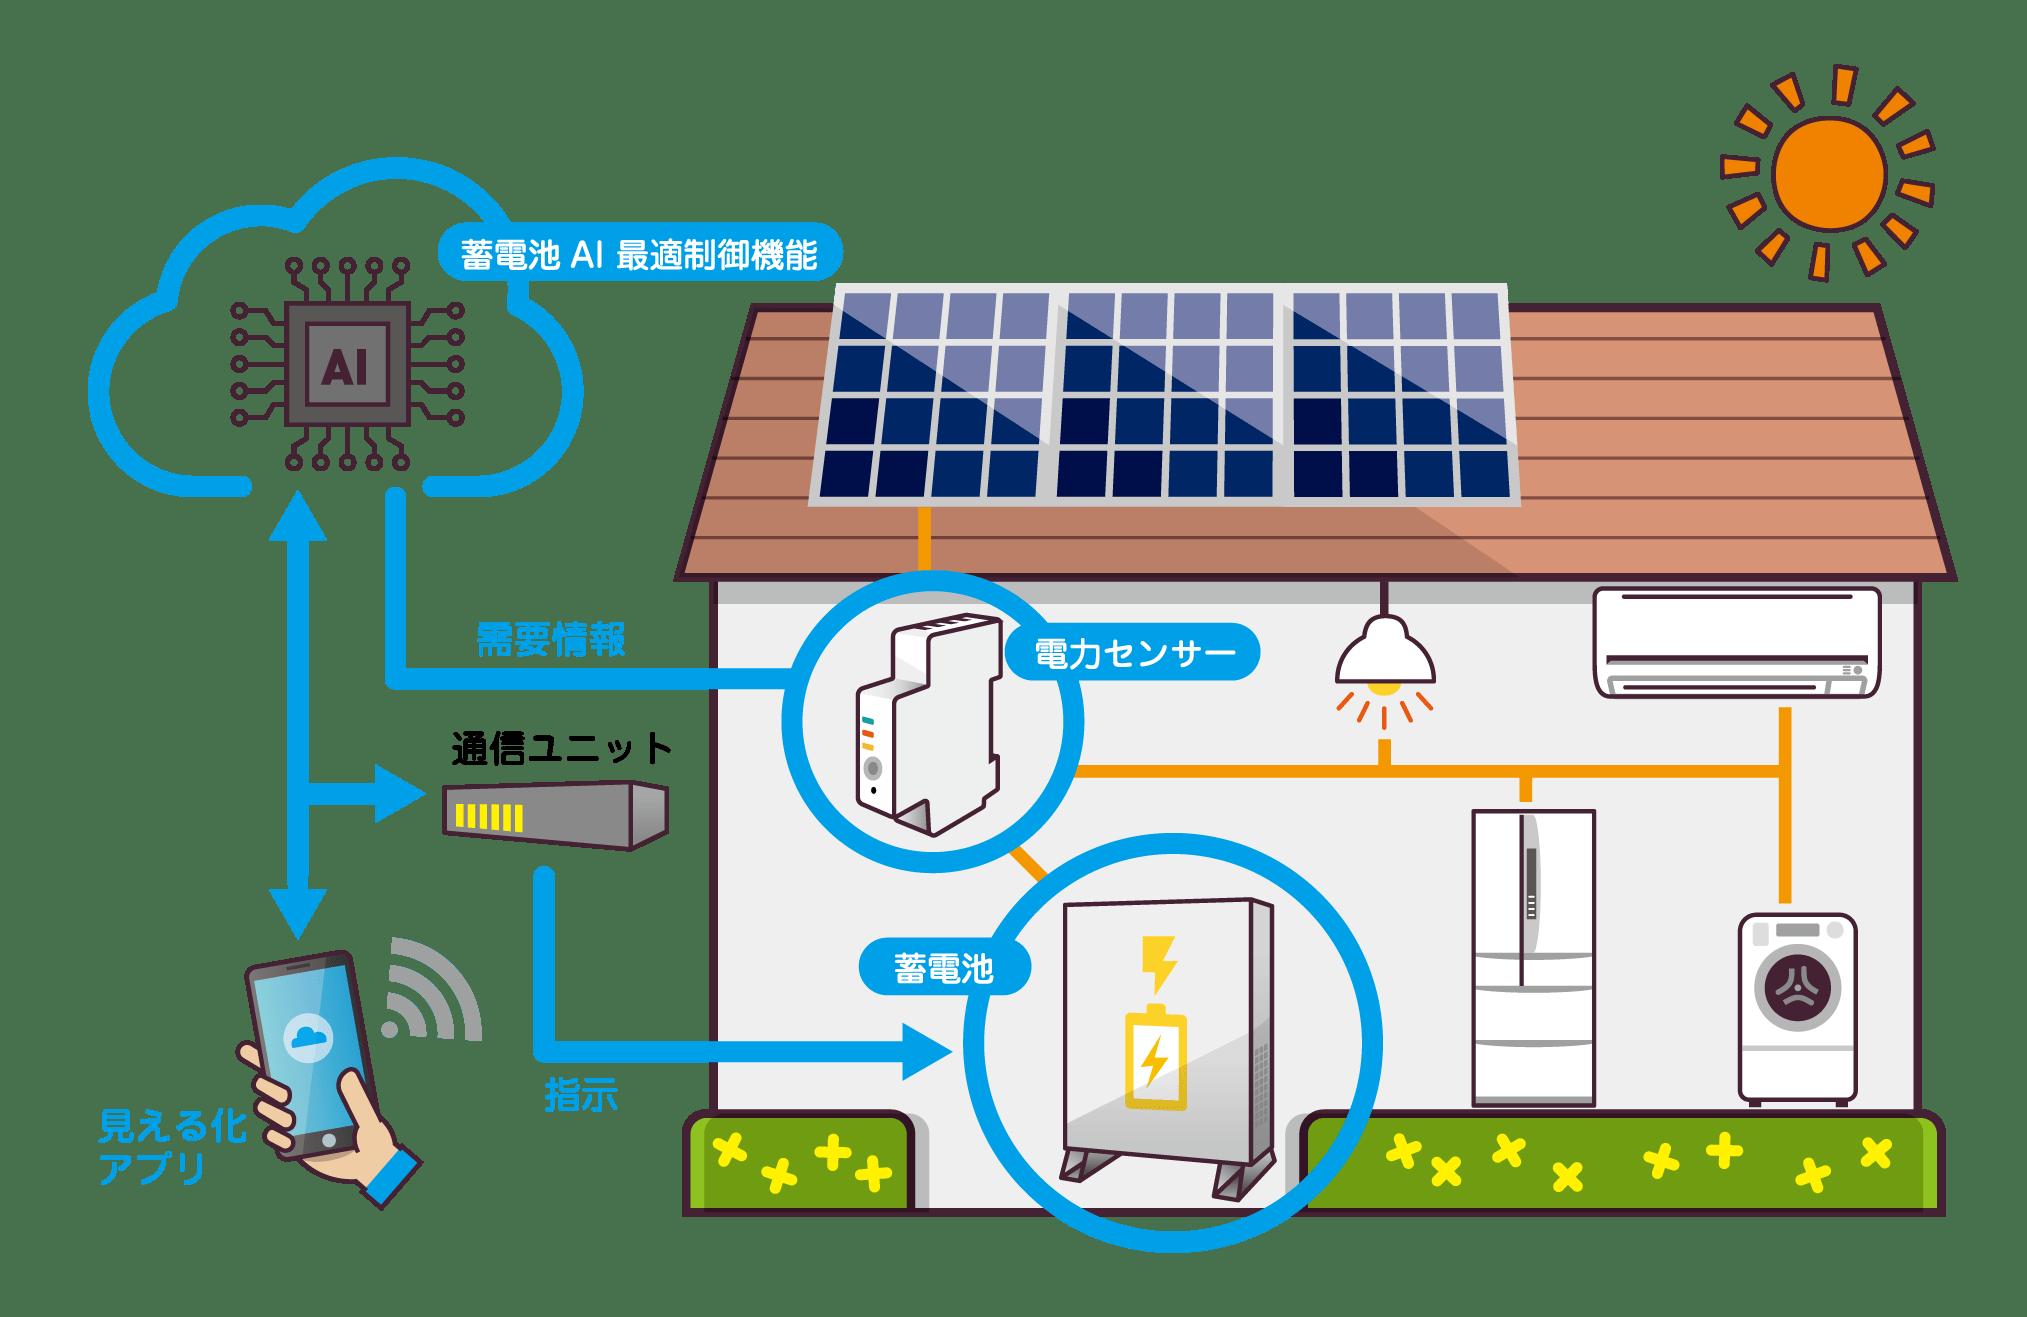 ■ エナジーゲートウェイが提供する「蓄電池AI最適制御システム」について